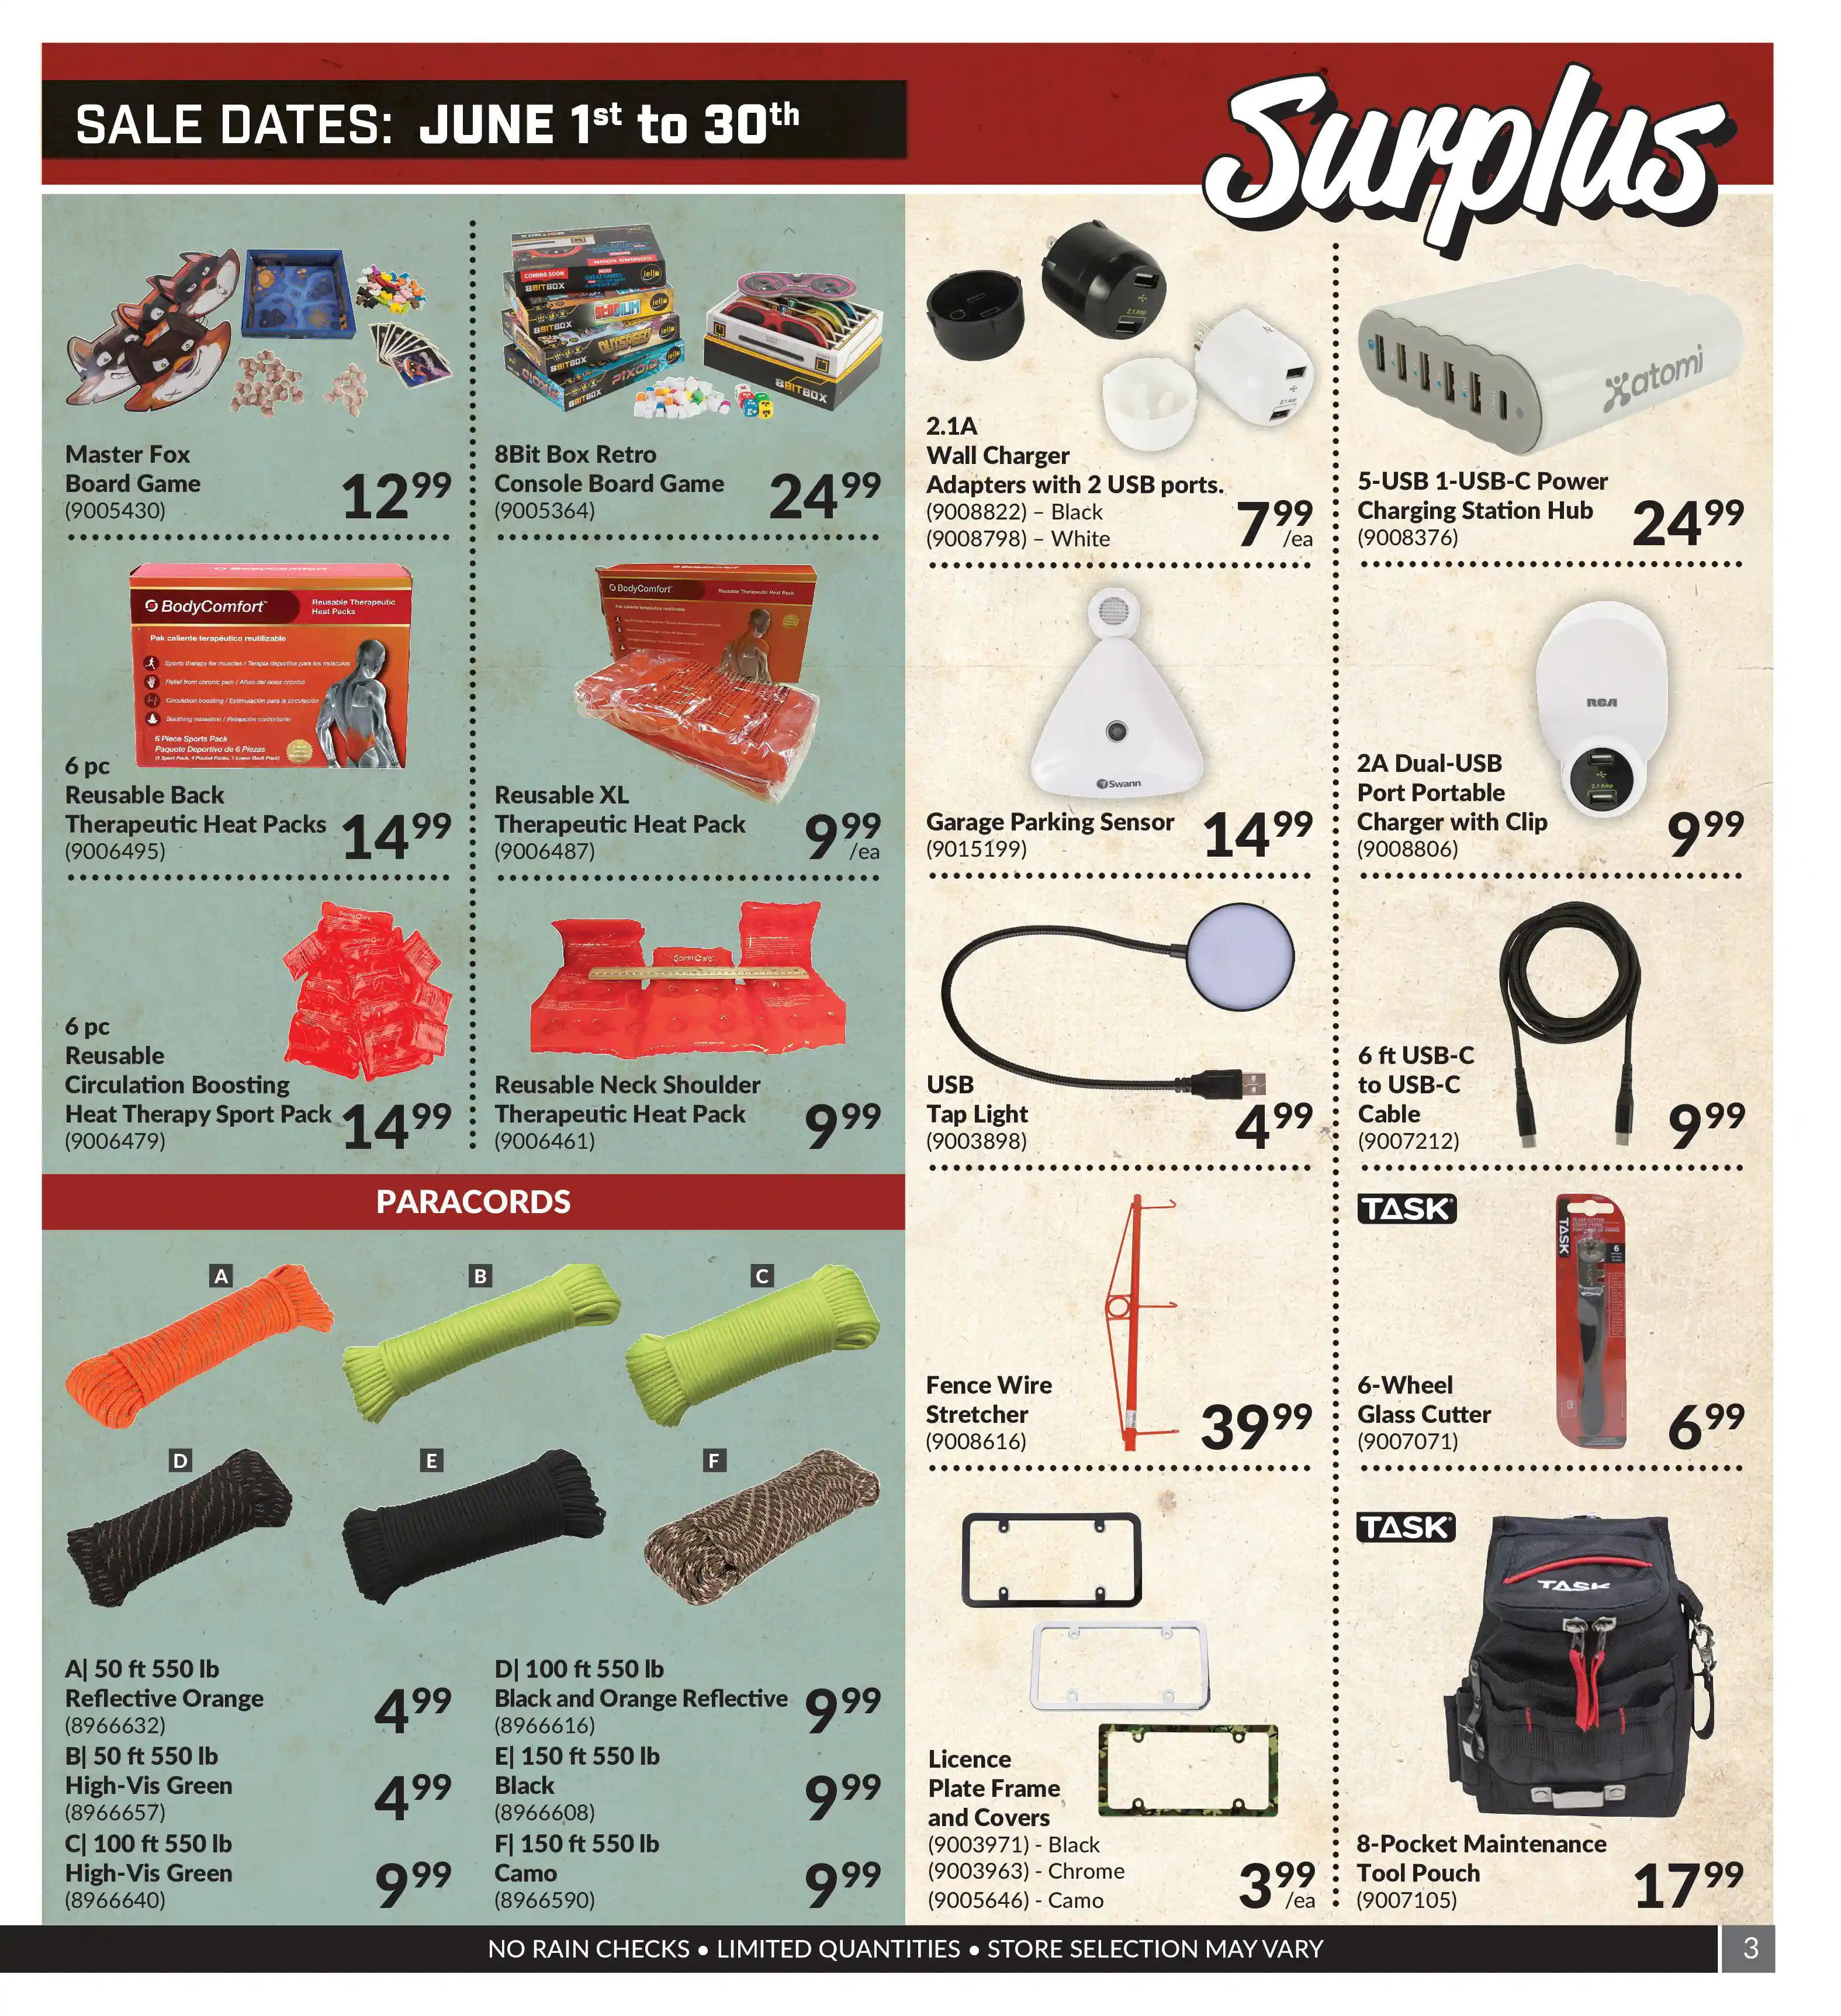 Princess Auto - Surplus - Page 3